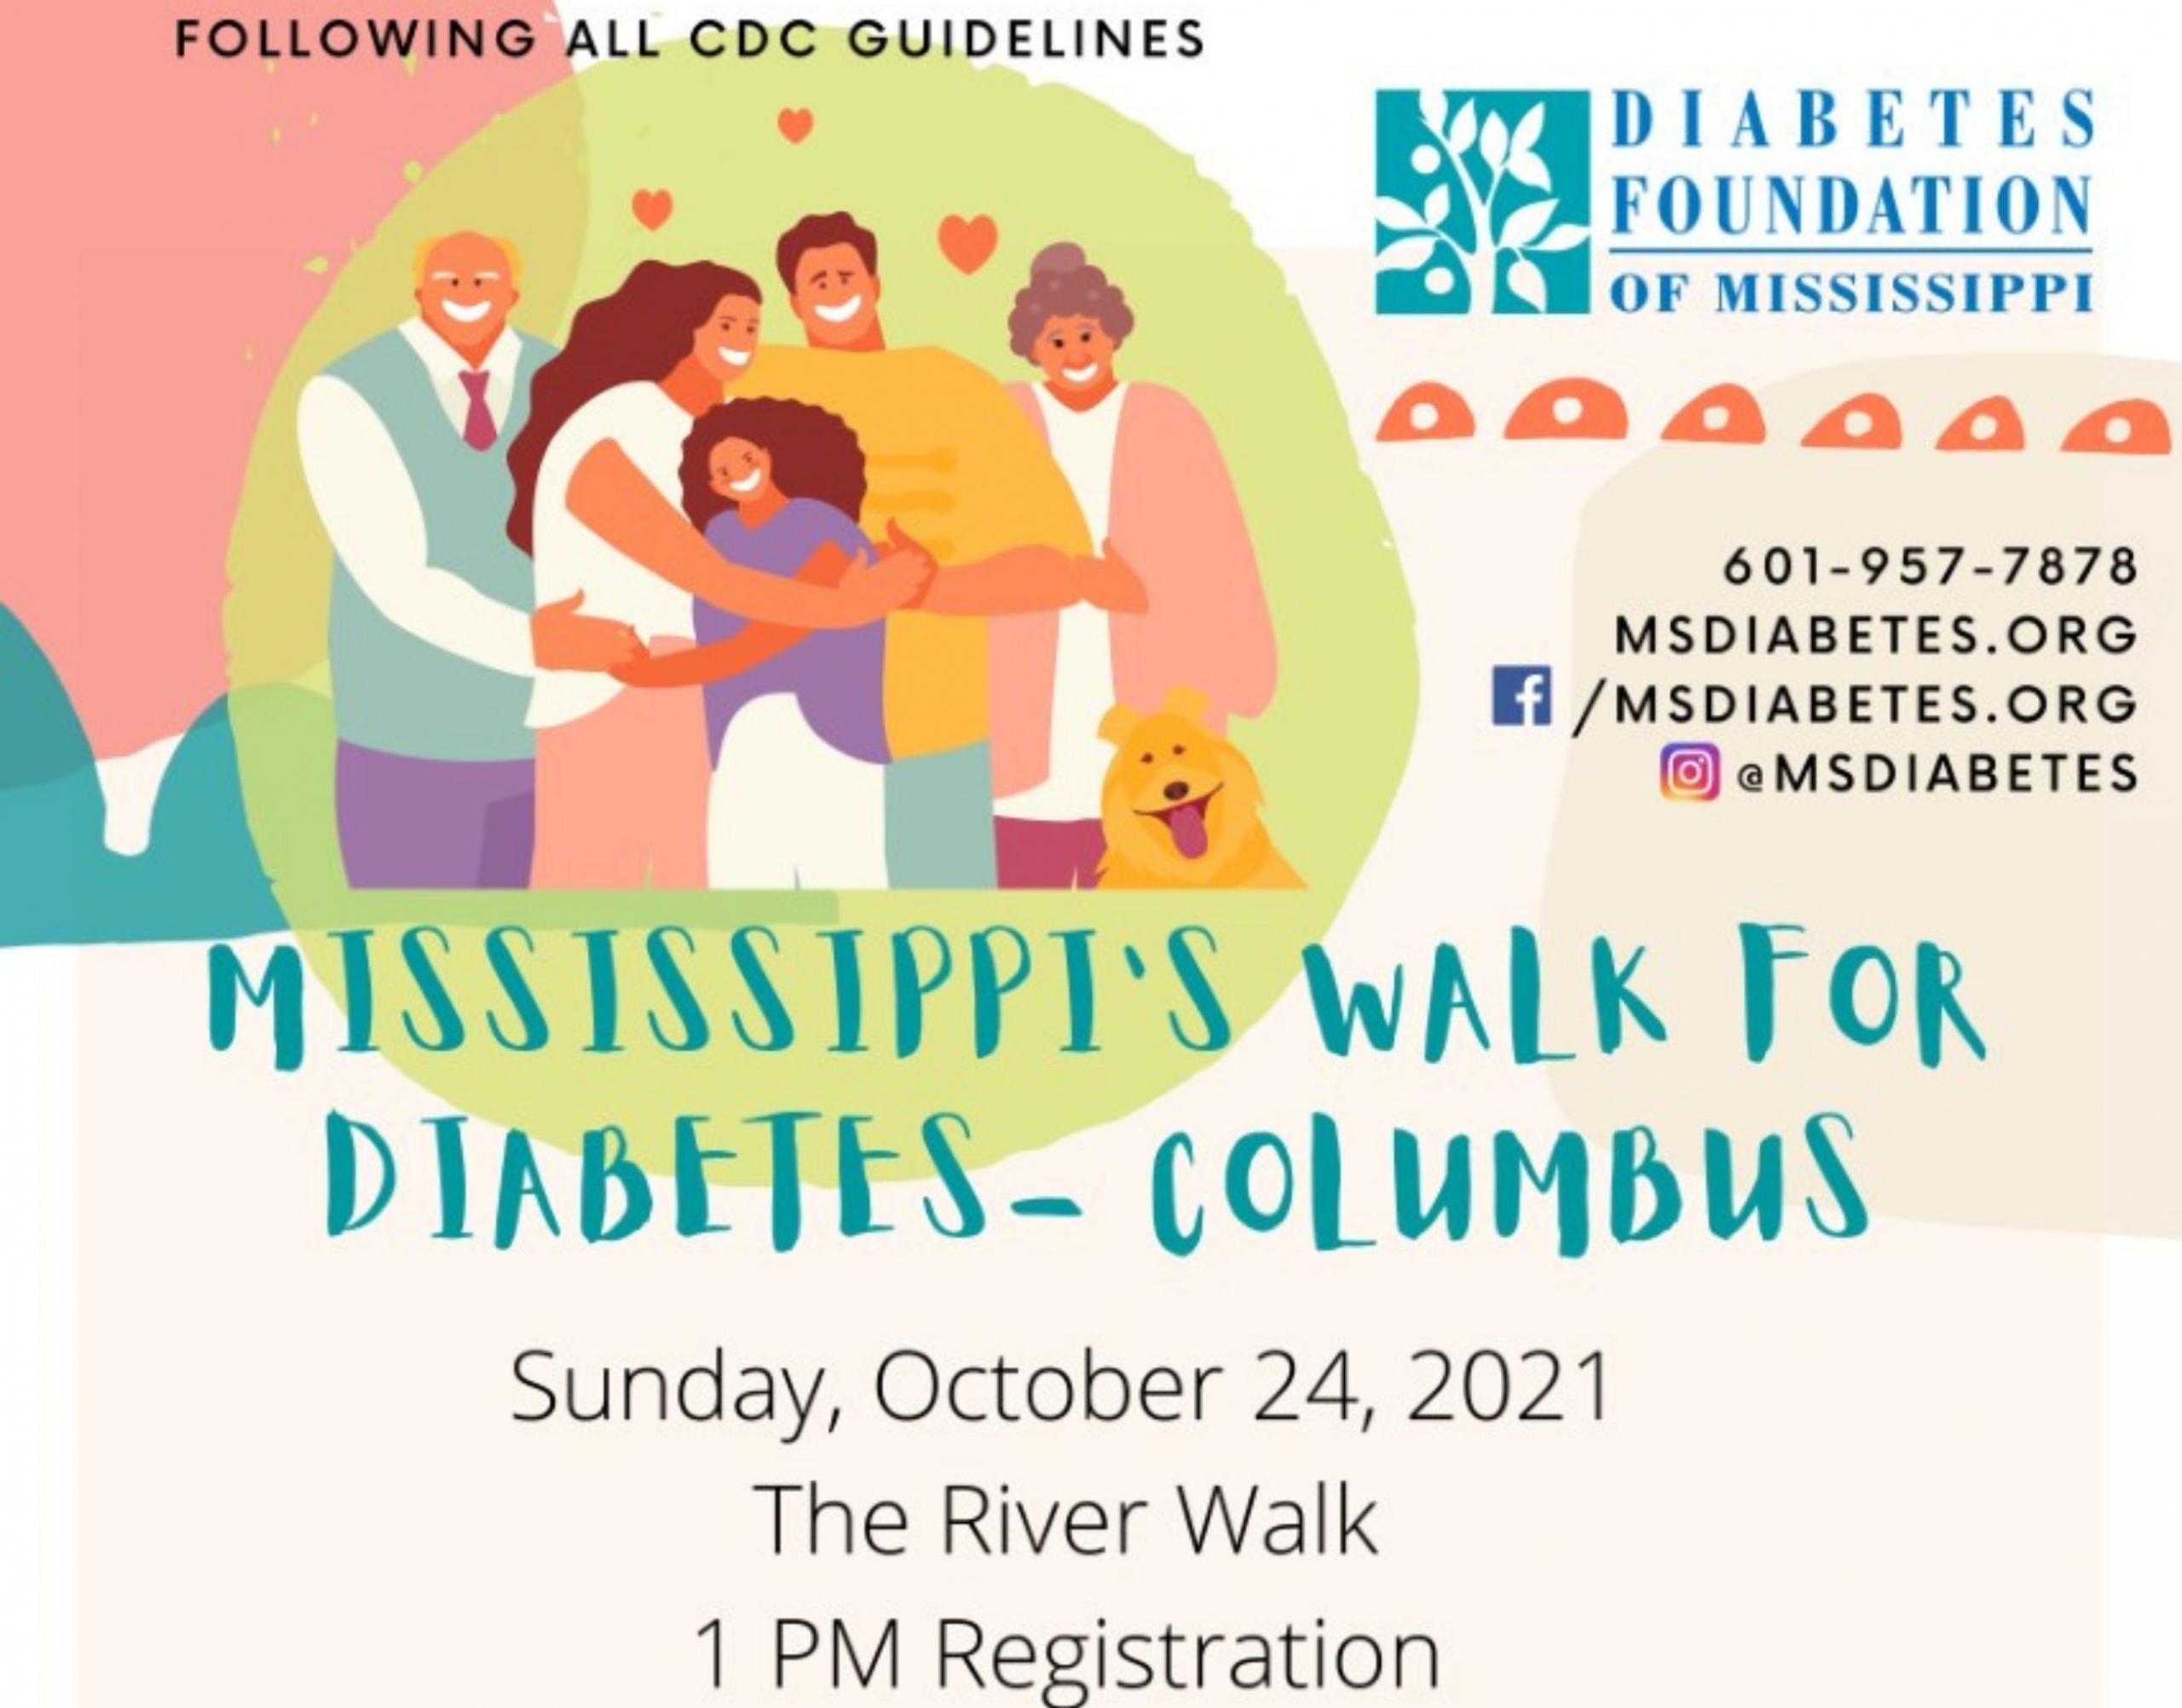 Columbus Diabetes Walk